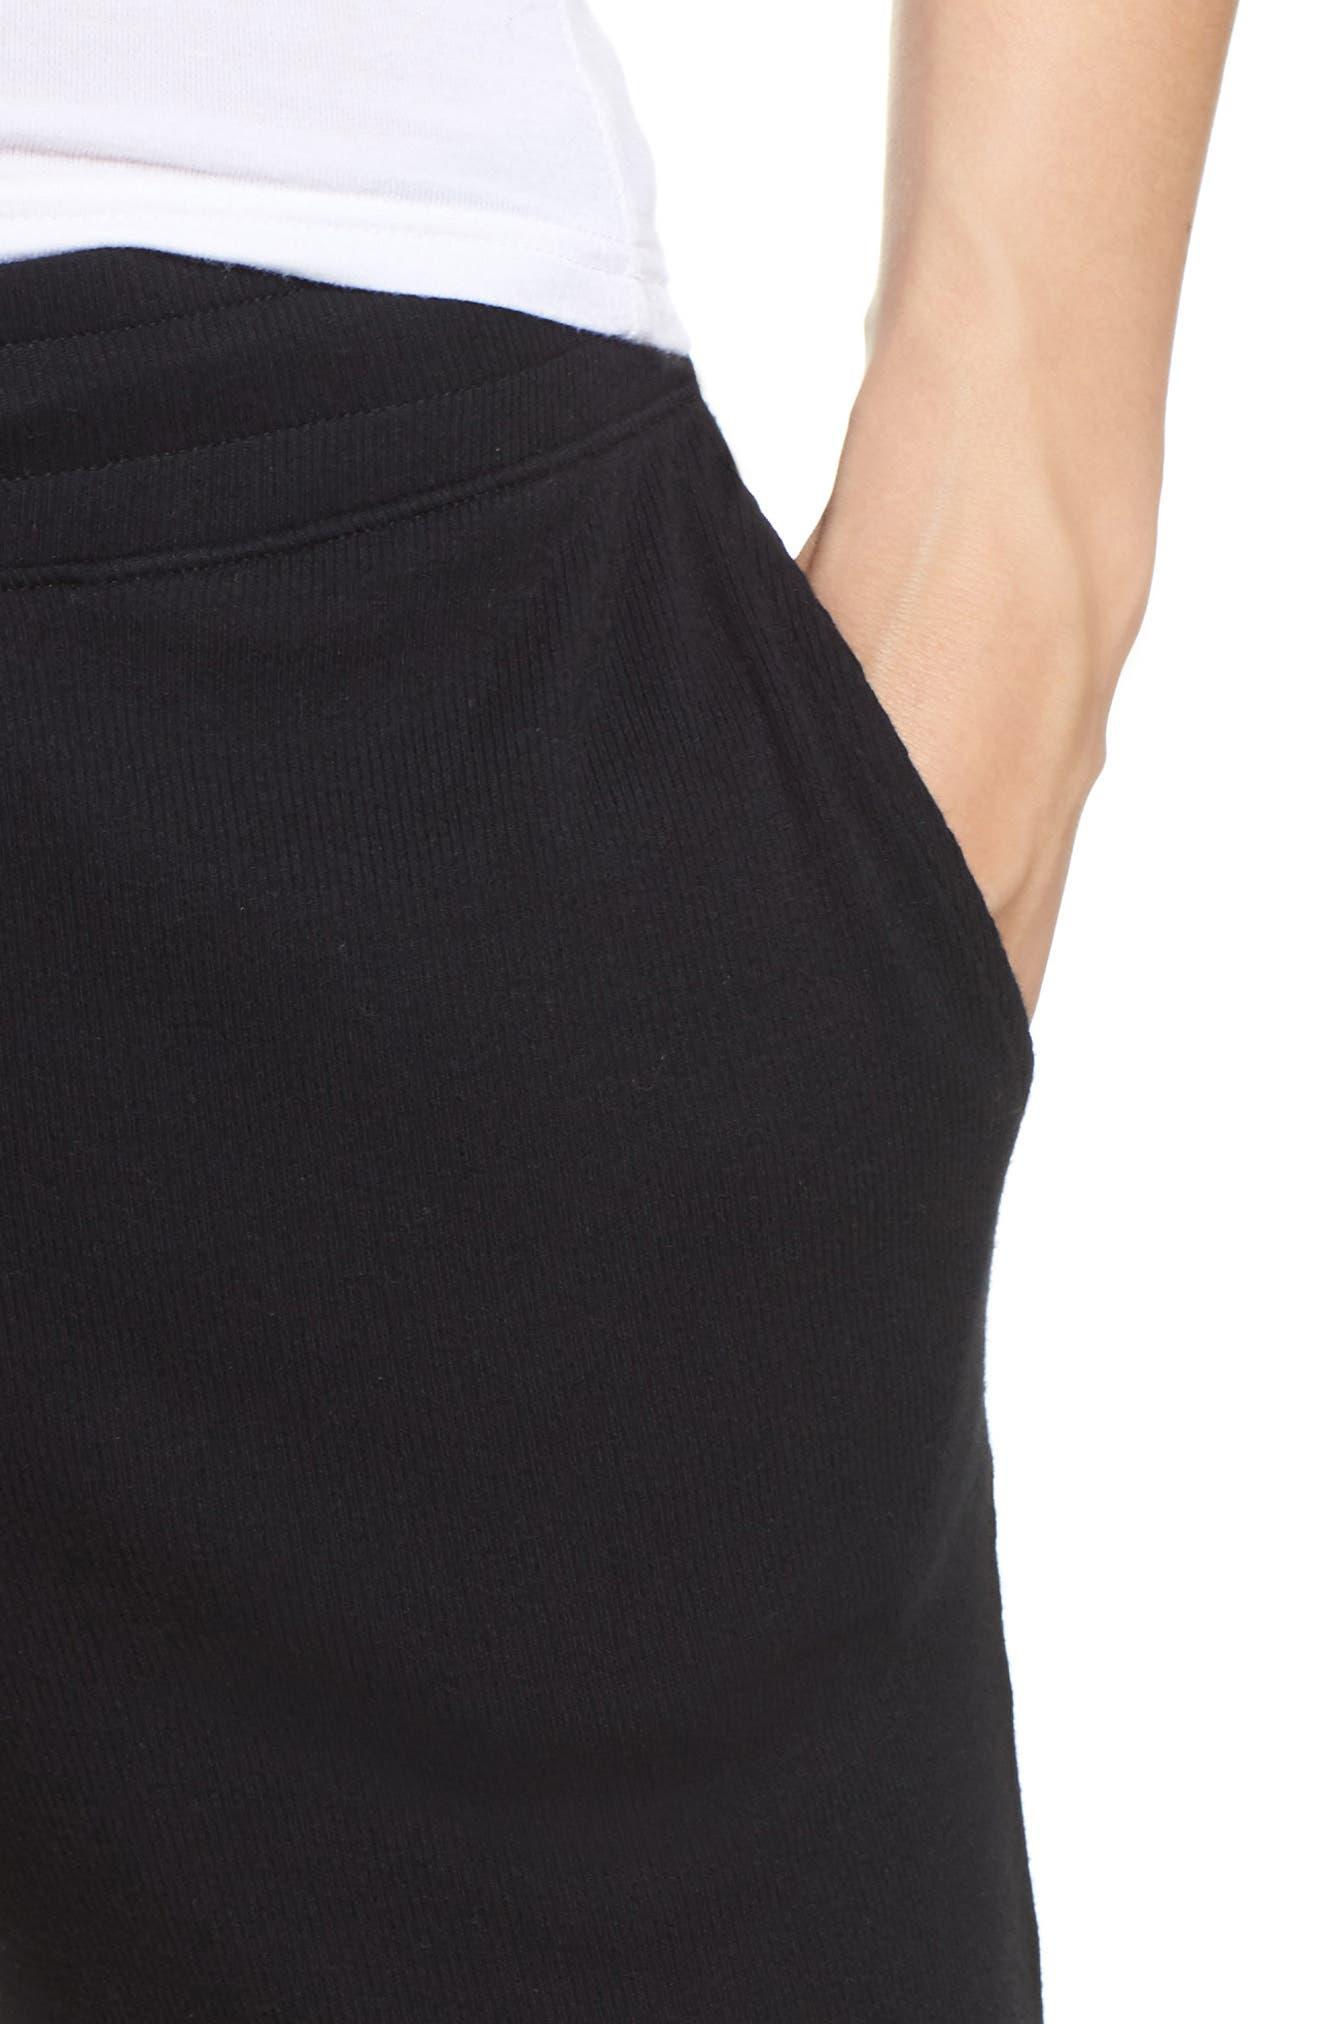 Carmin Crop Lounge Pants,                             Alternate thumbnail 4, color,                             001